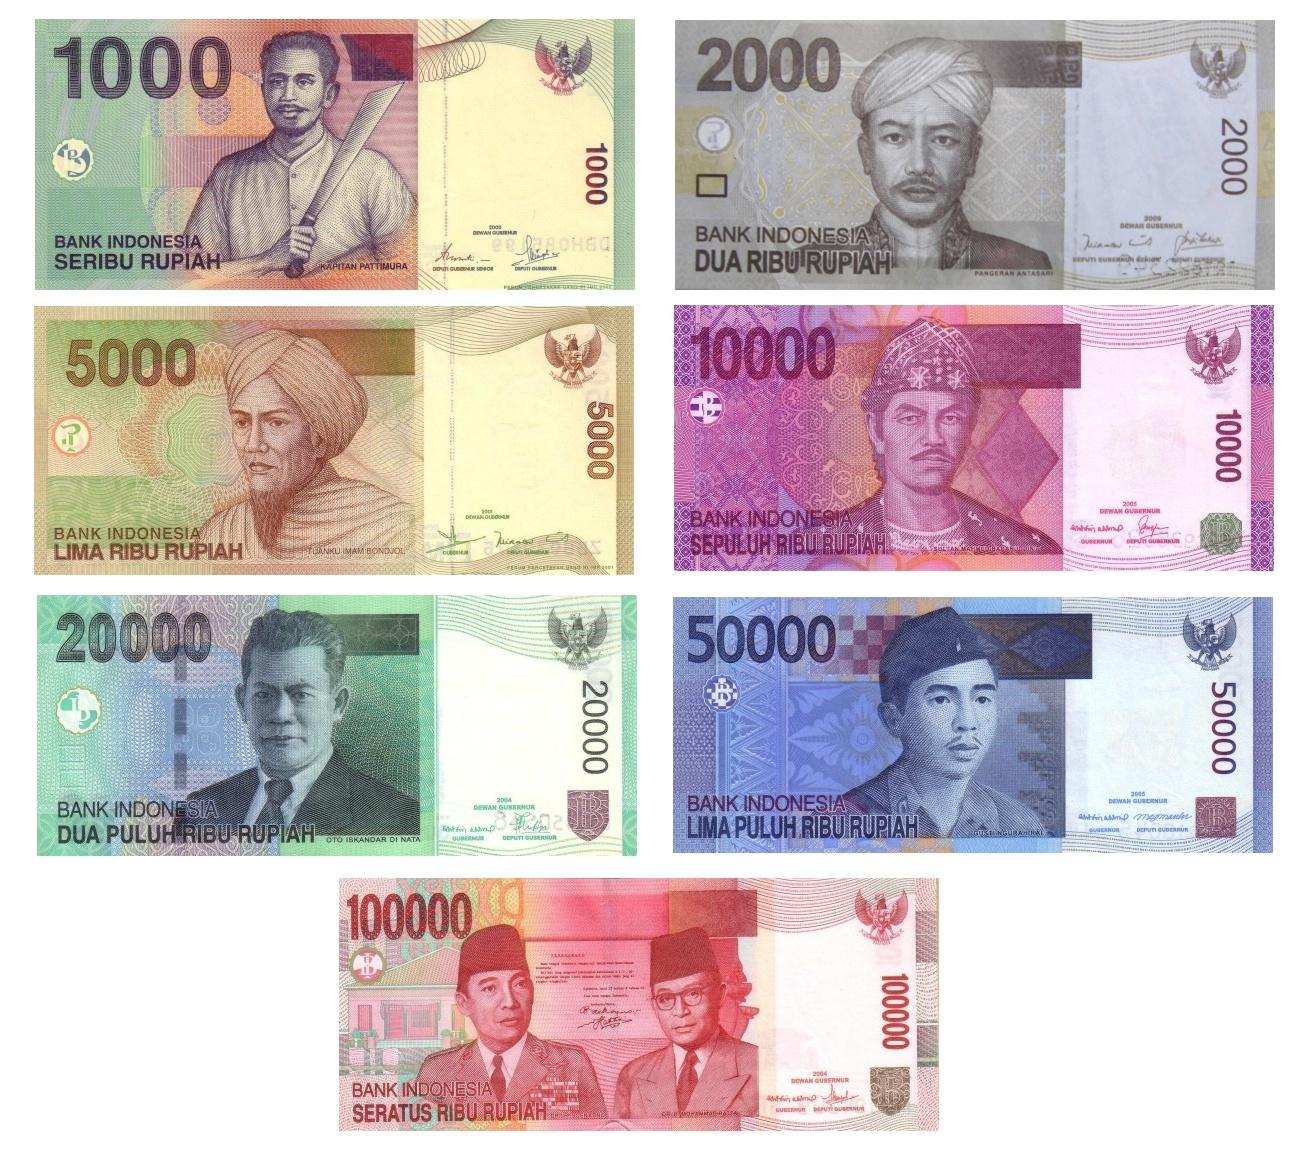 symbol for indonesian rupiah